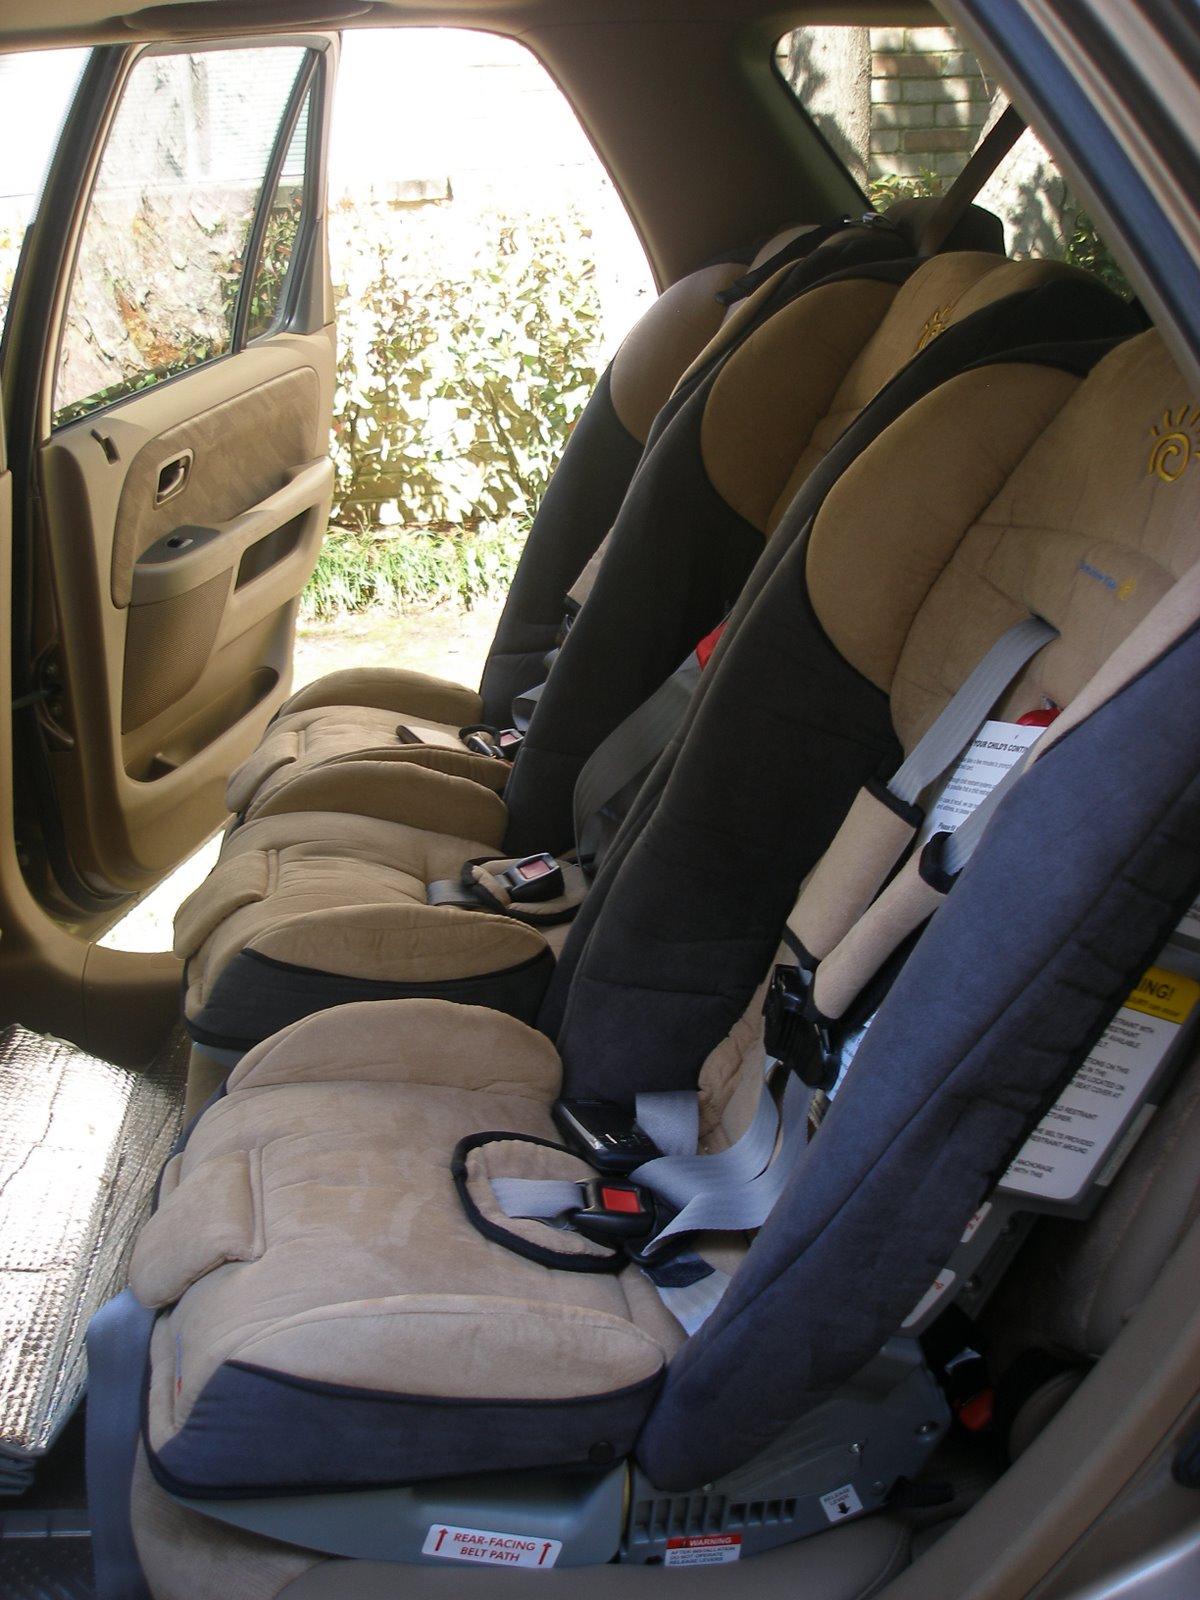 Surviving Triplets: Car Seat Confessions